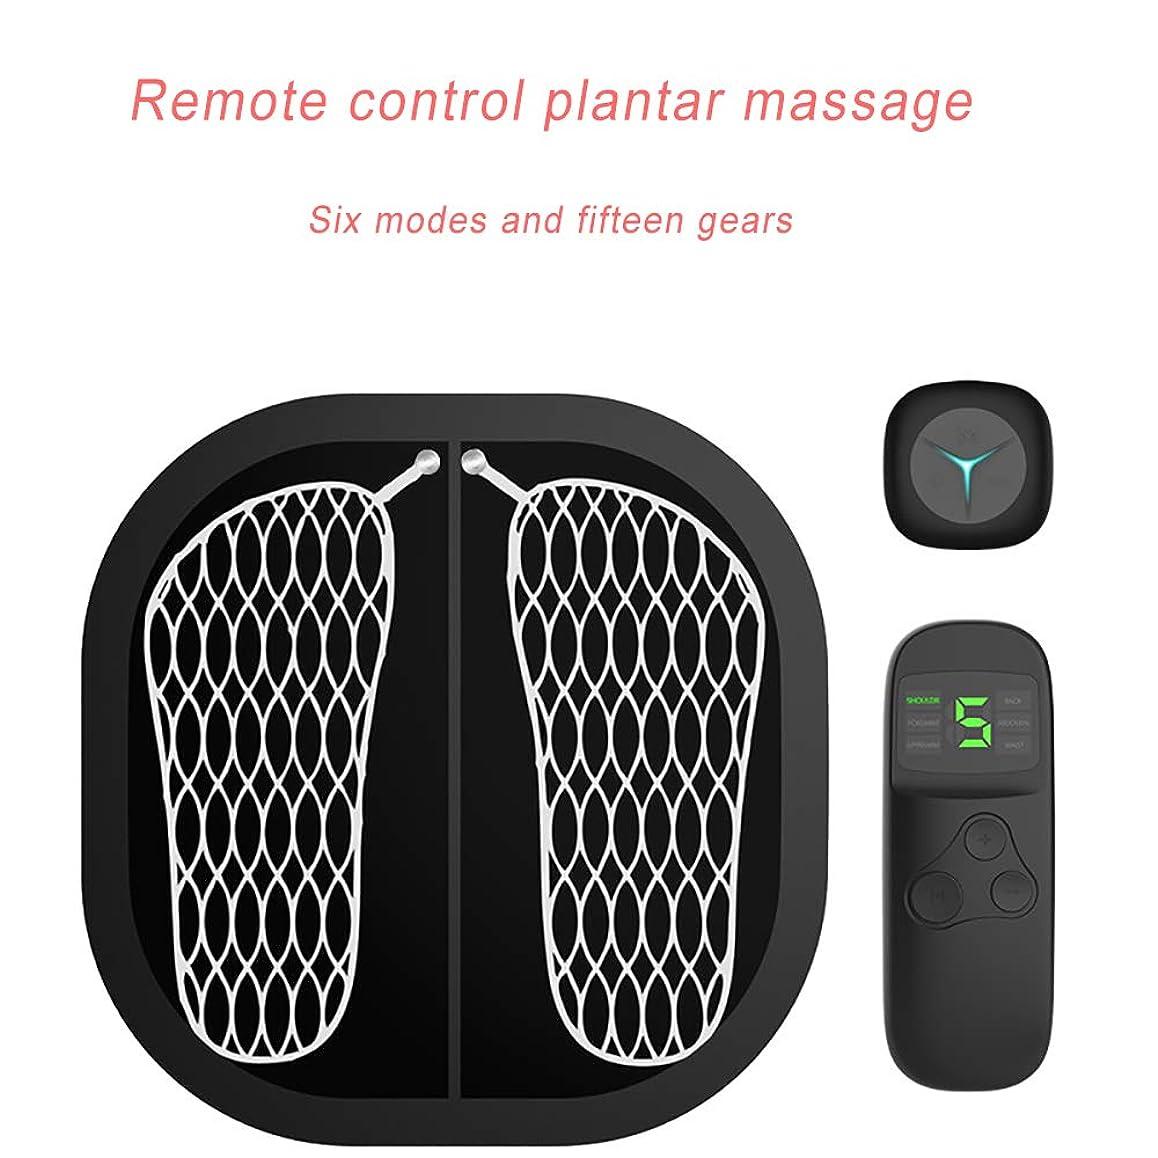 あなたのもの考える化合物EMSフットサーキュレーションマッサージ、多機能インテリジェントフットマッサージ、鍼治療のポイントを刺激、痛みを和らげ、疲労を軽減6モードUSB充電,Black